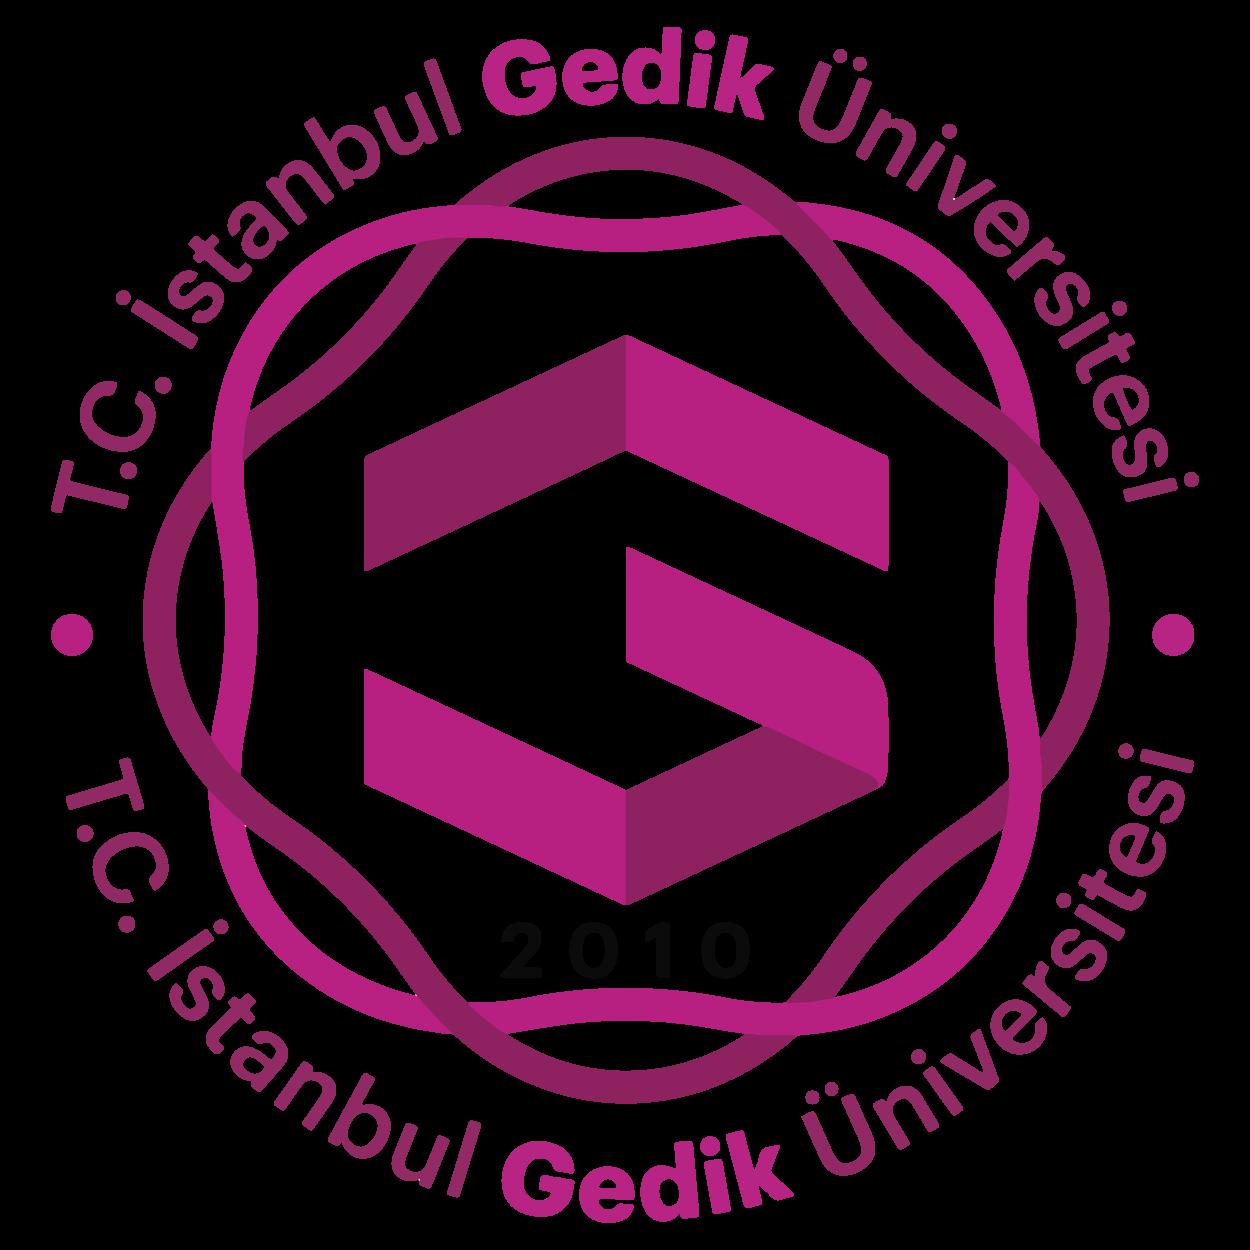 İstanbul Gedik Üniversitesi Logo png